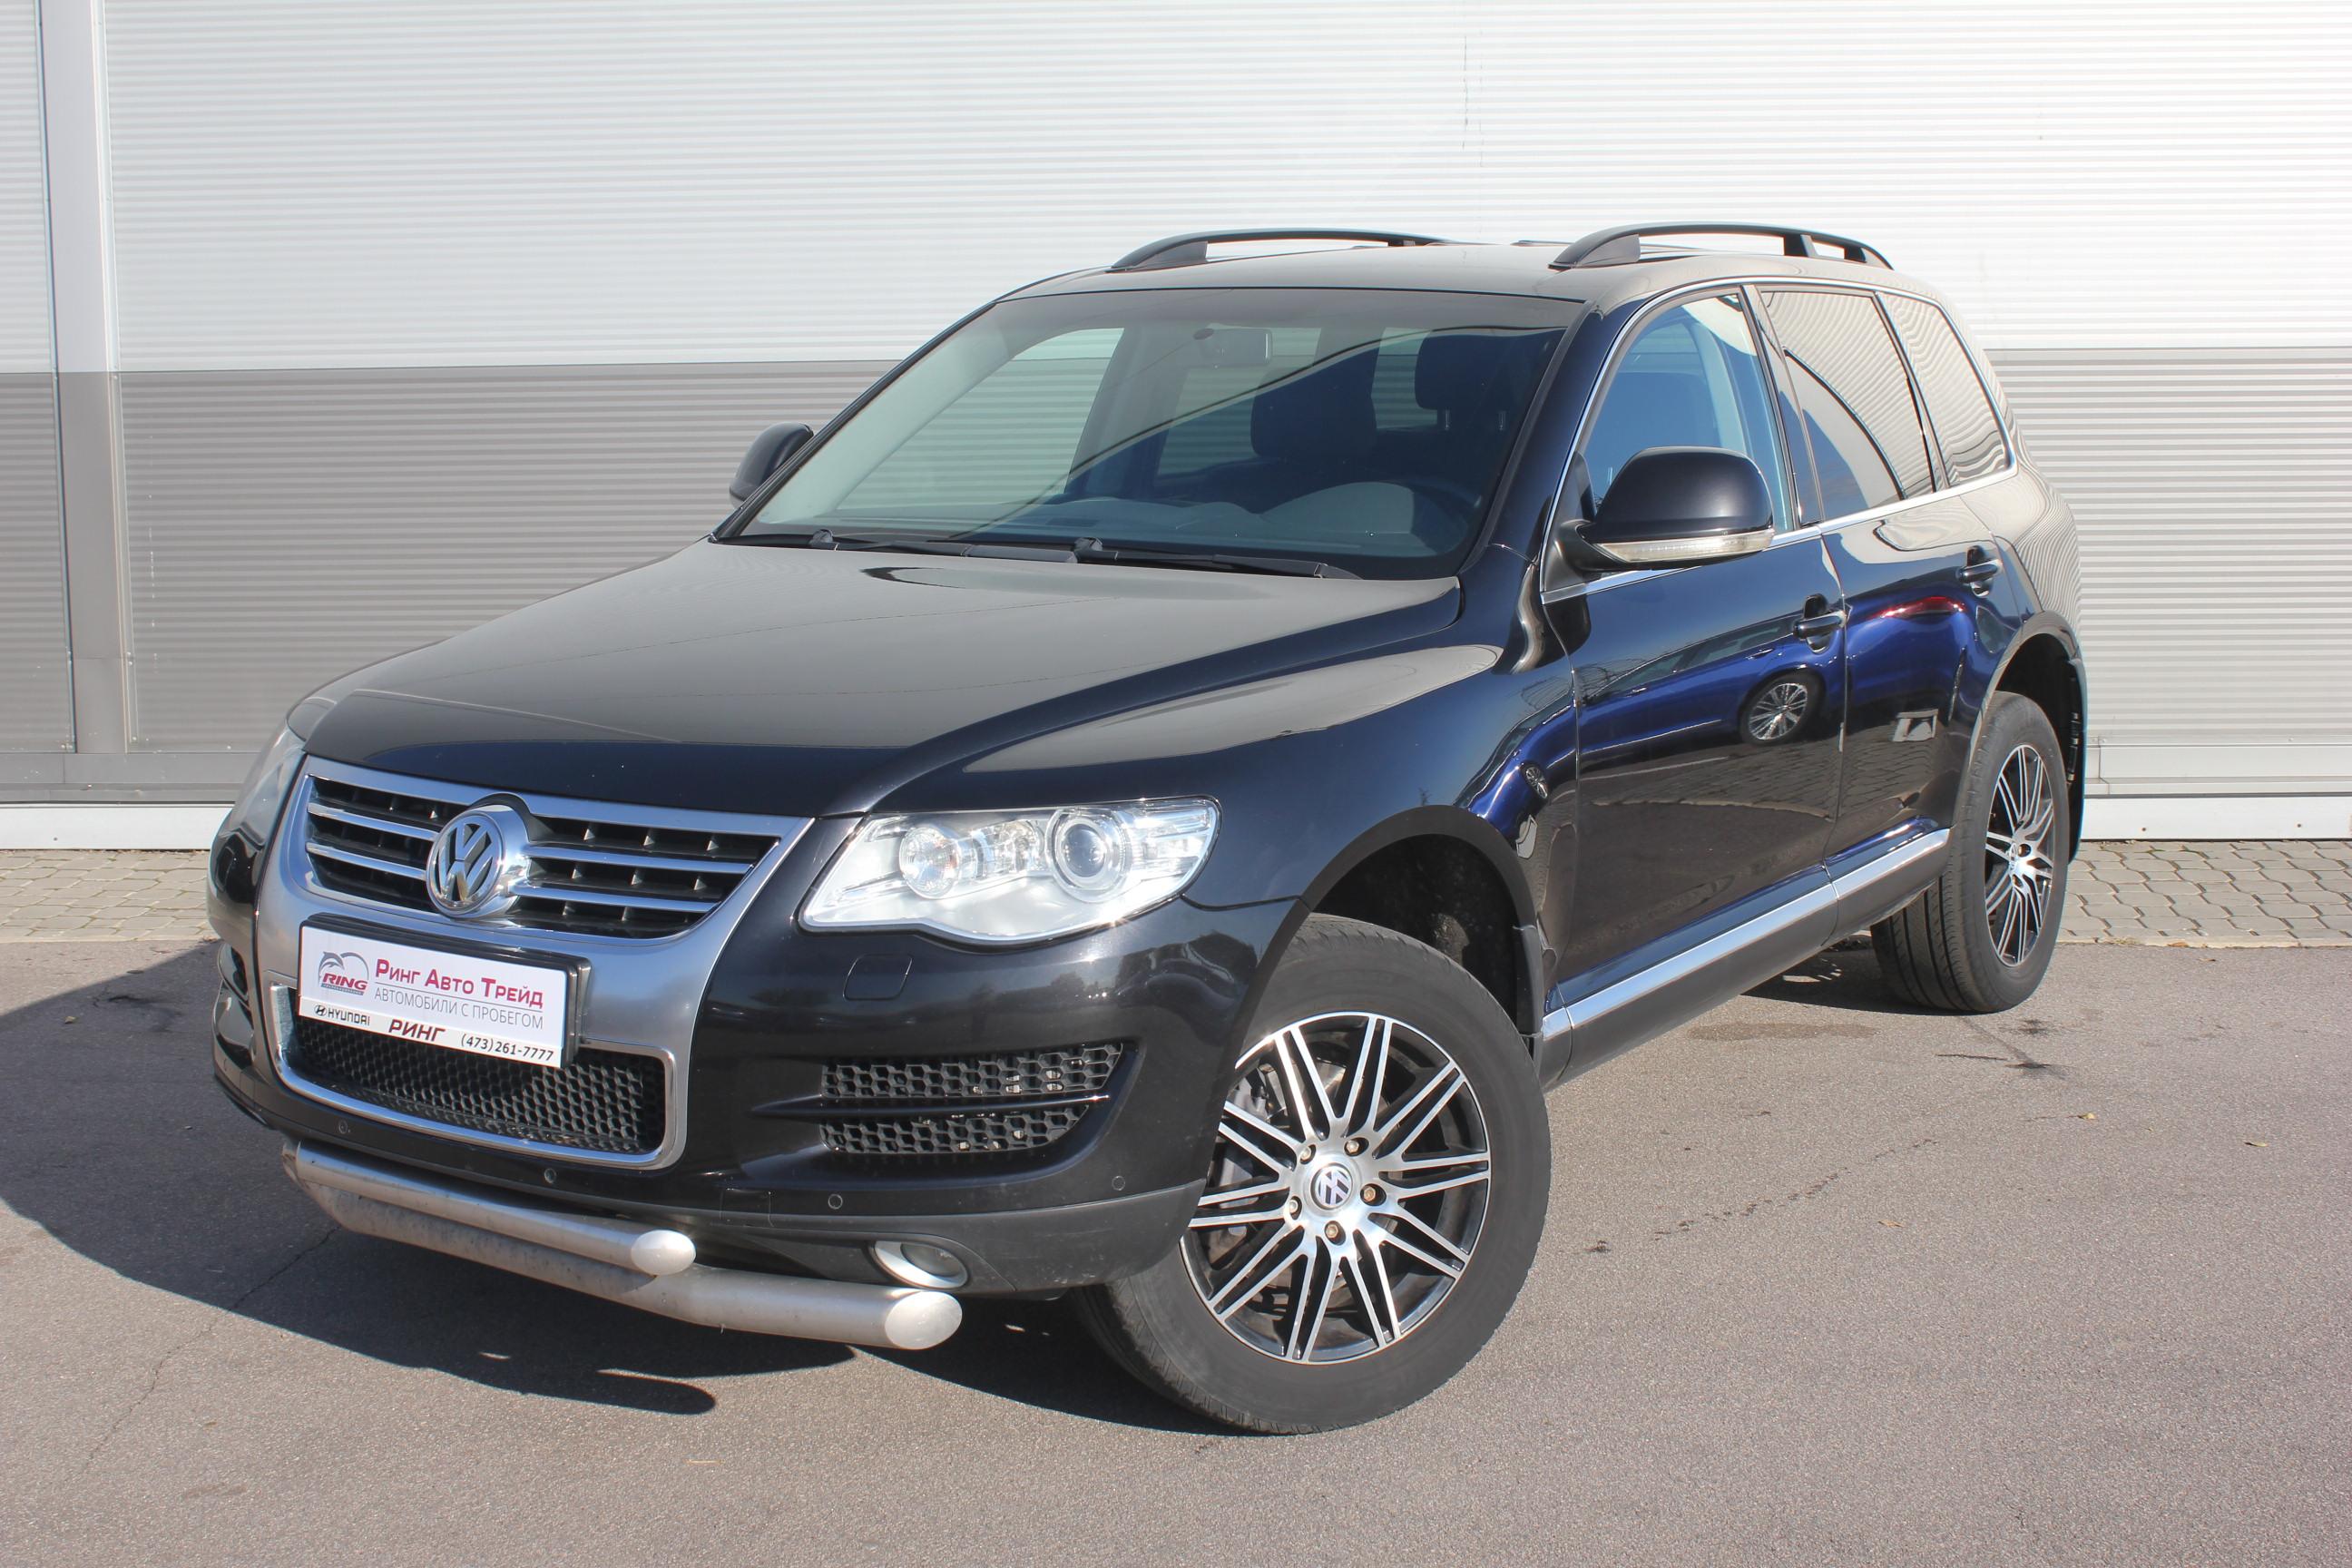 Volkswagen Touareg Внедорожник (2008г.)